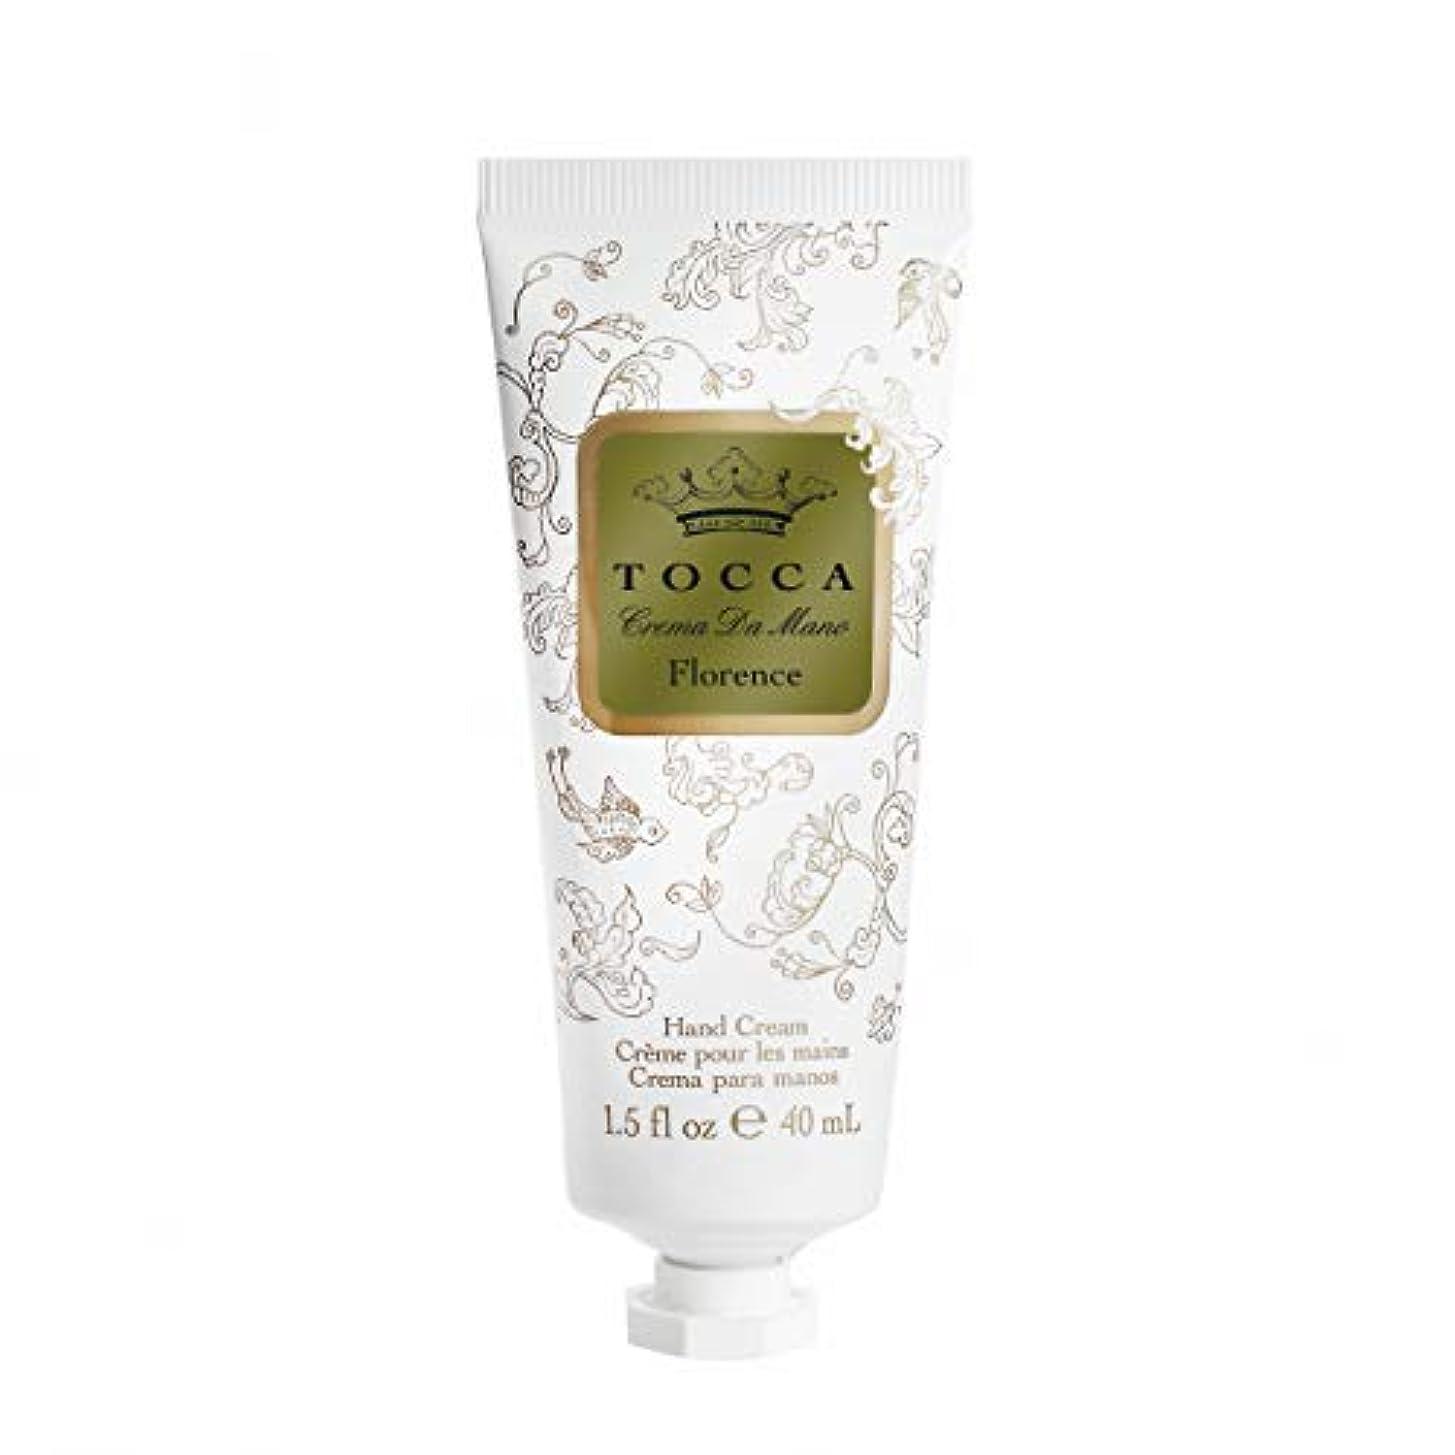 掃く悲観的お金トッカ(TOCCA) ハンドクリーム フローレンスの香り 40mL (ガーデニアとベルガモットが誘うように溶け合うどこまでも上品なフローラルの香り)